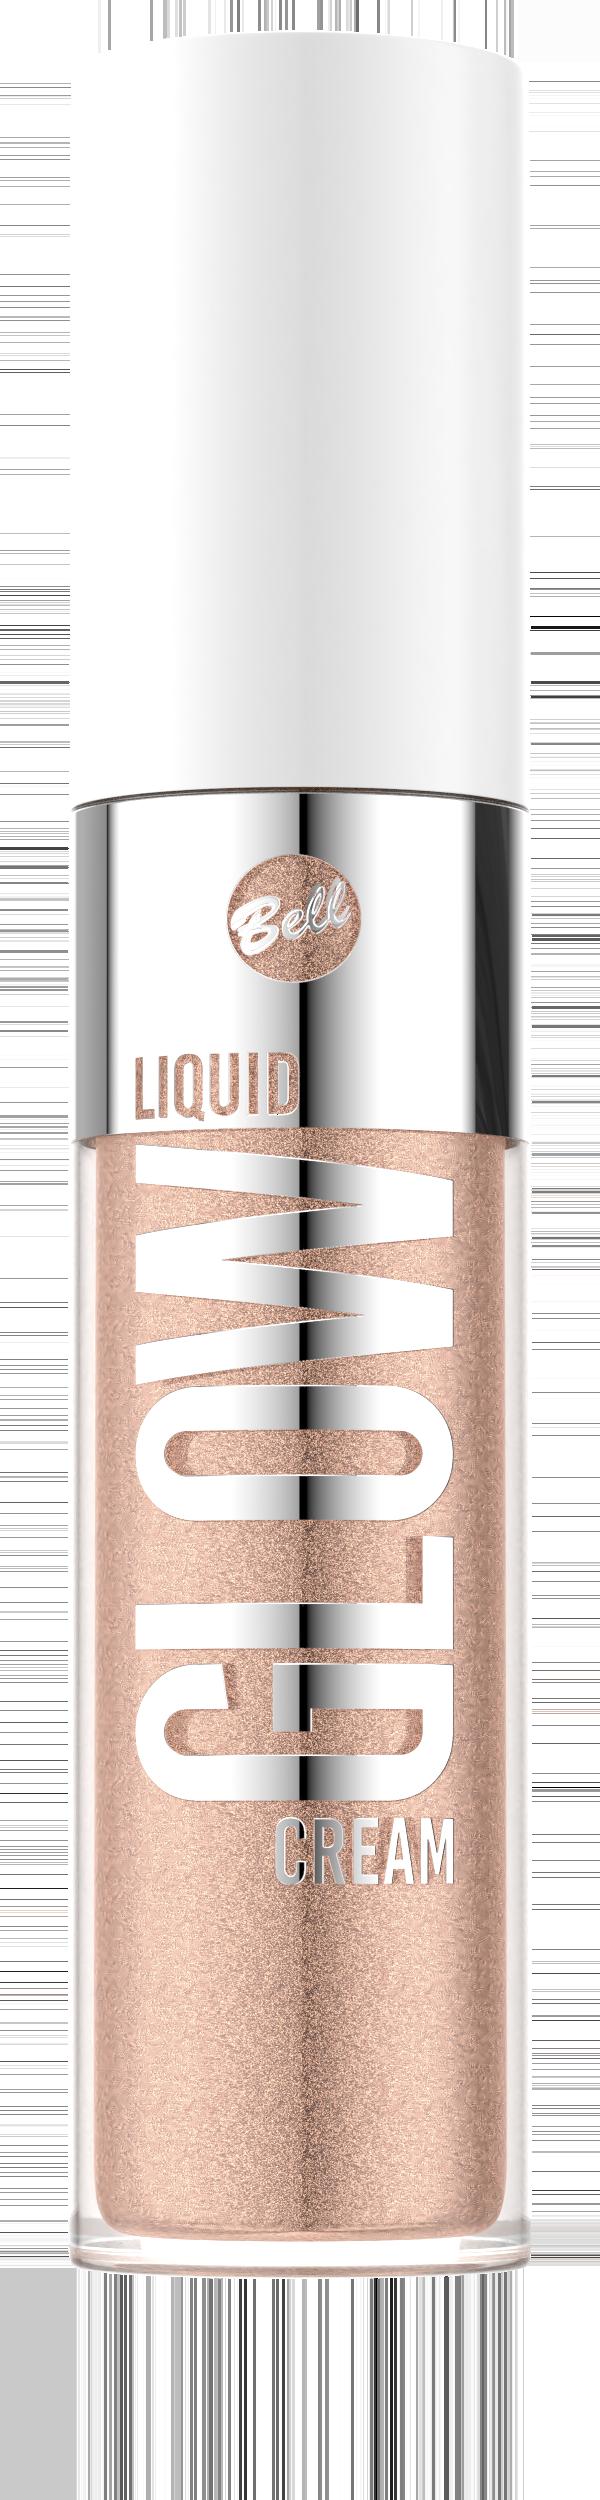 Liquid Glow Cream